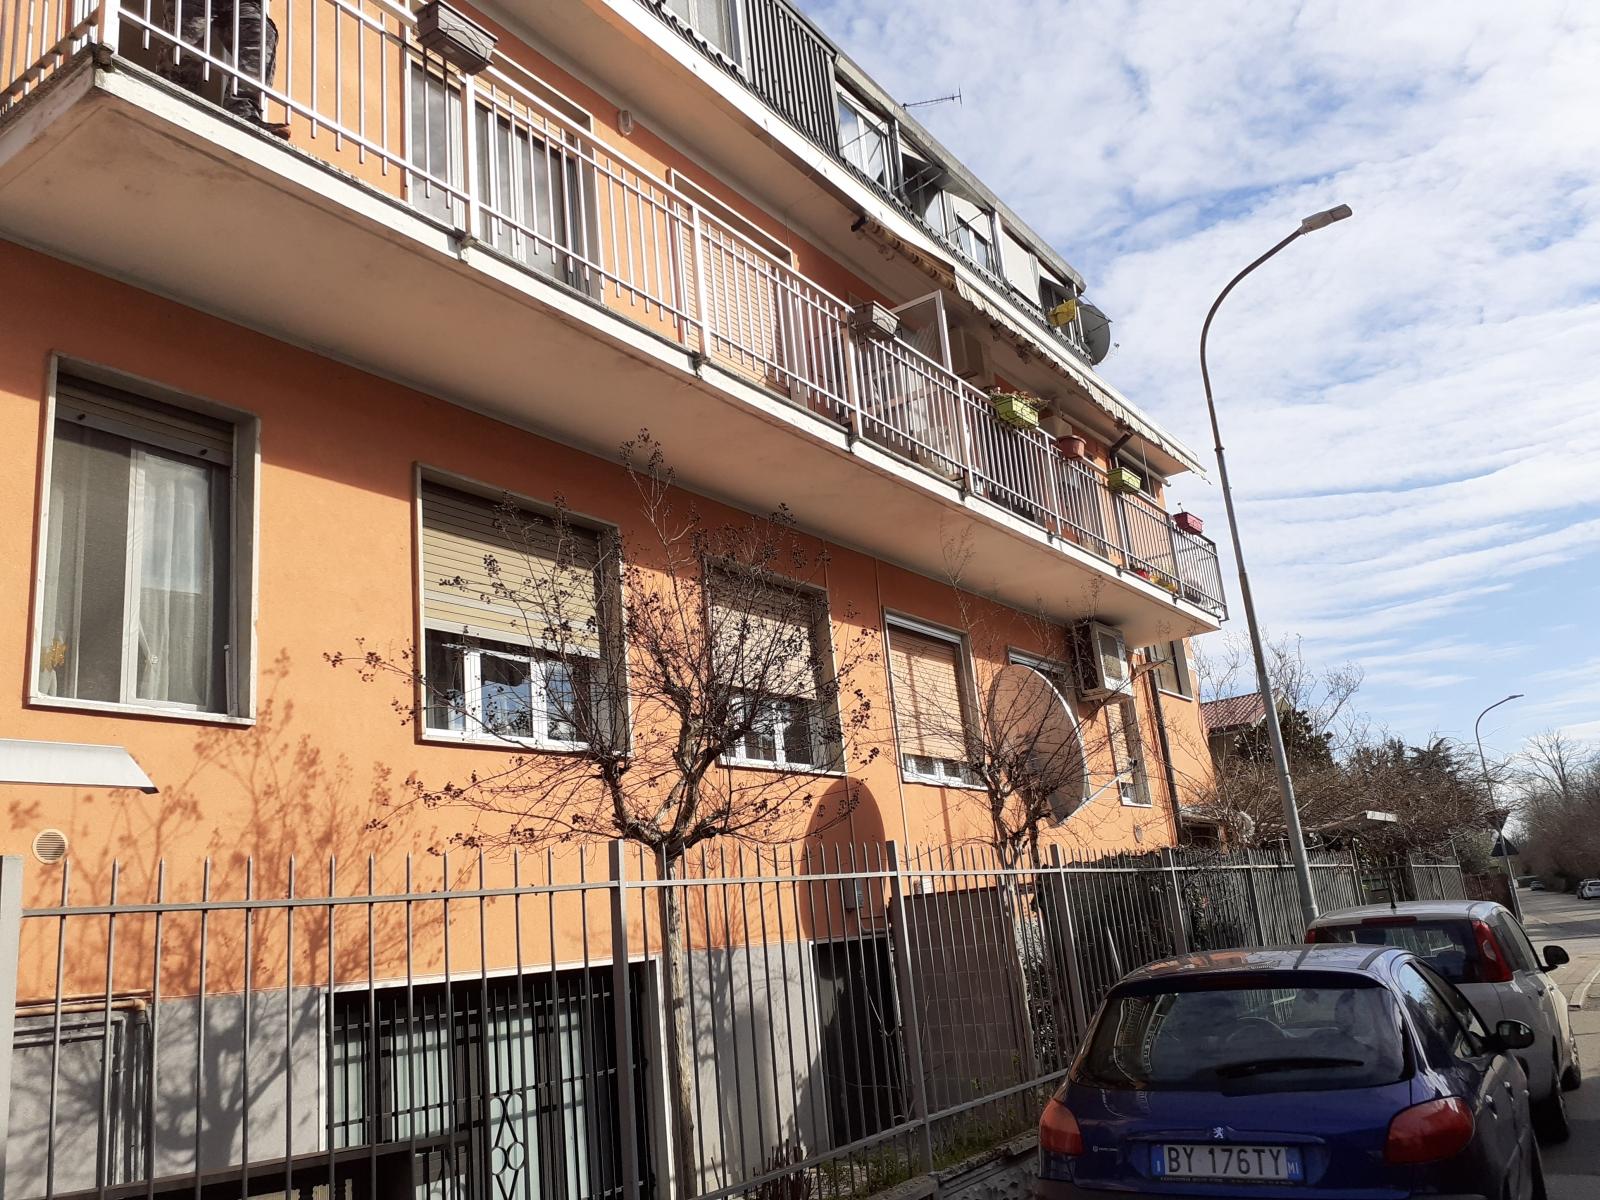 appartamento-in-vendita-a-cornaredo-milano-3-locali-trilocale-spaziourbano-immobiliare-vende-25